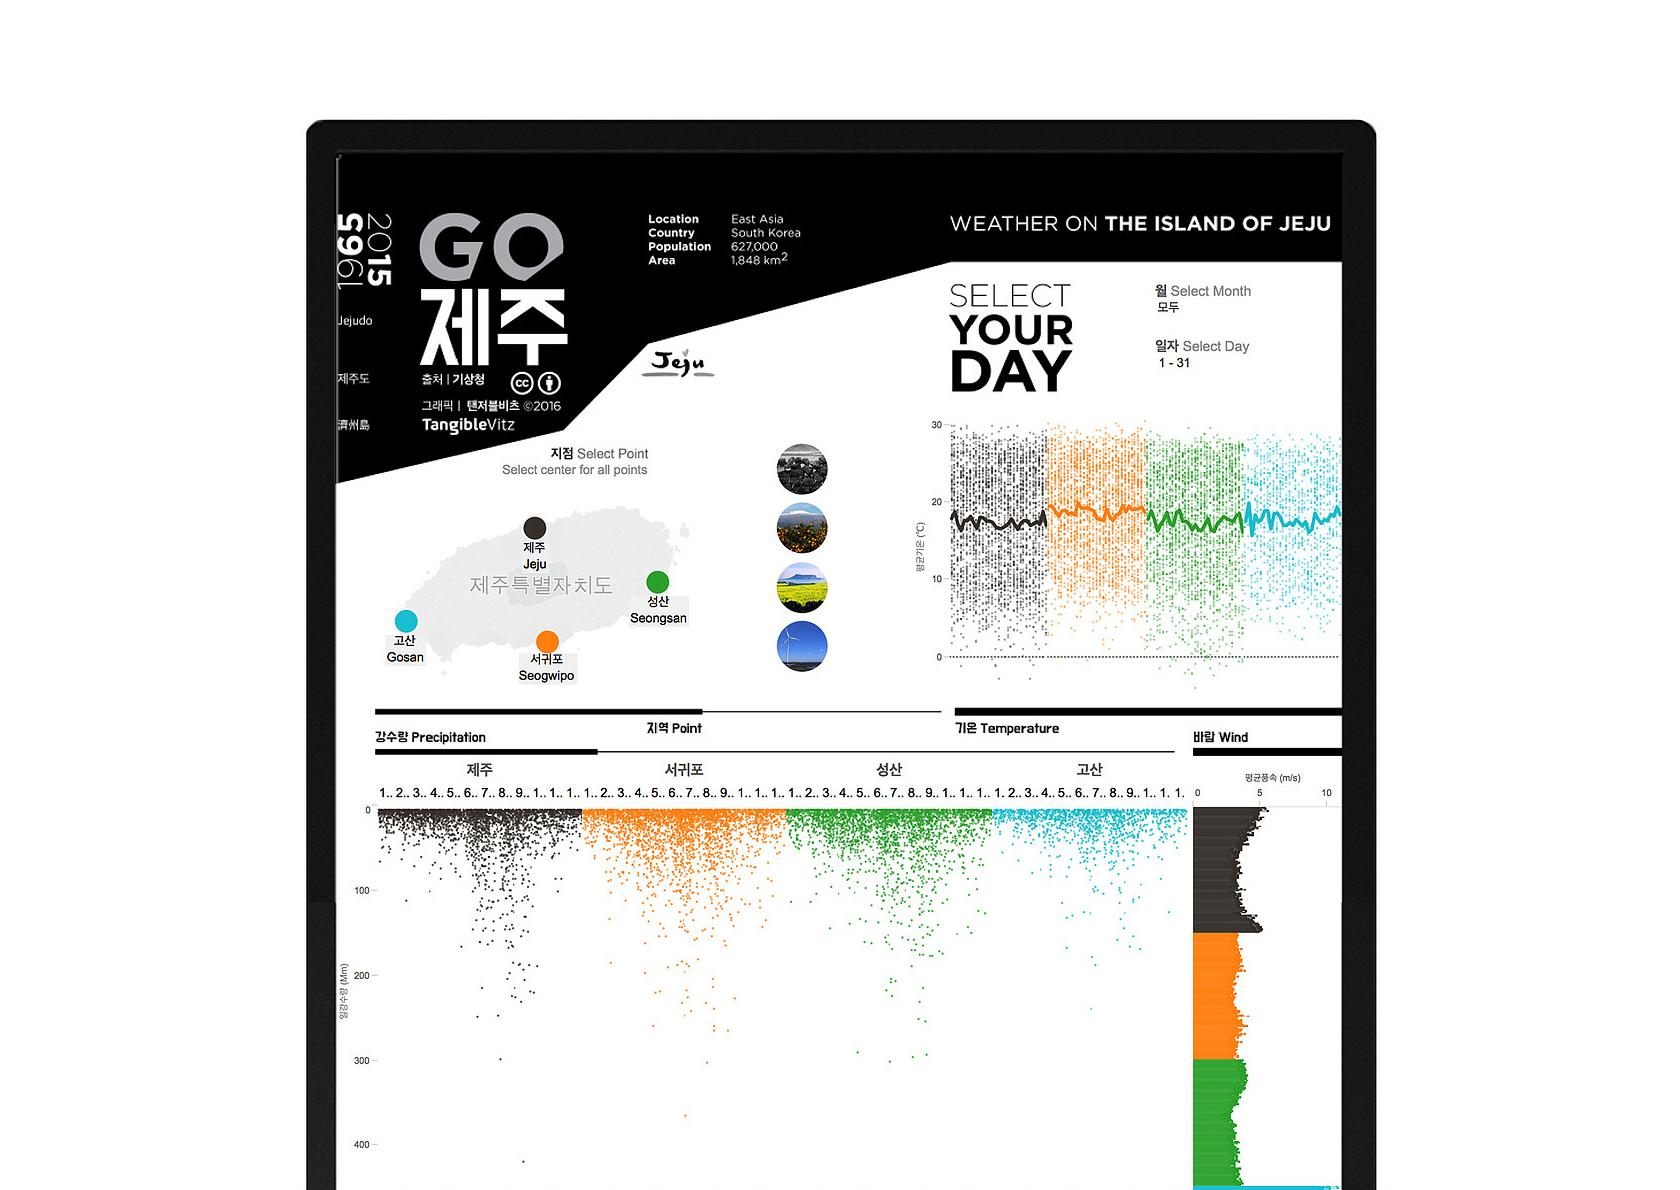 제주도 날씨 데이터시각화 by 탠저블비츠